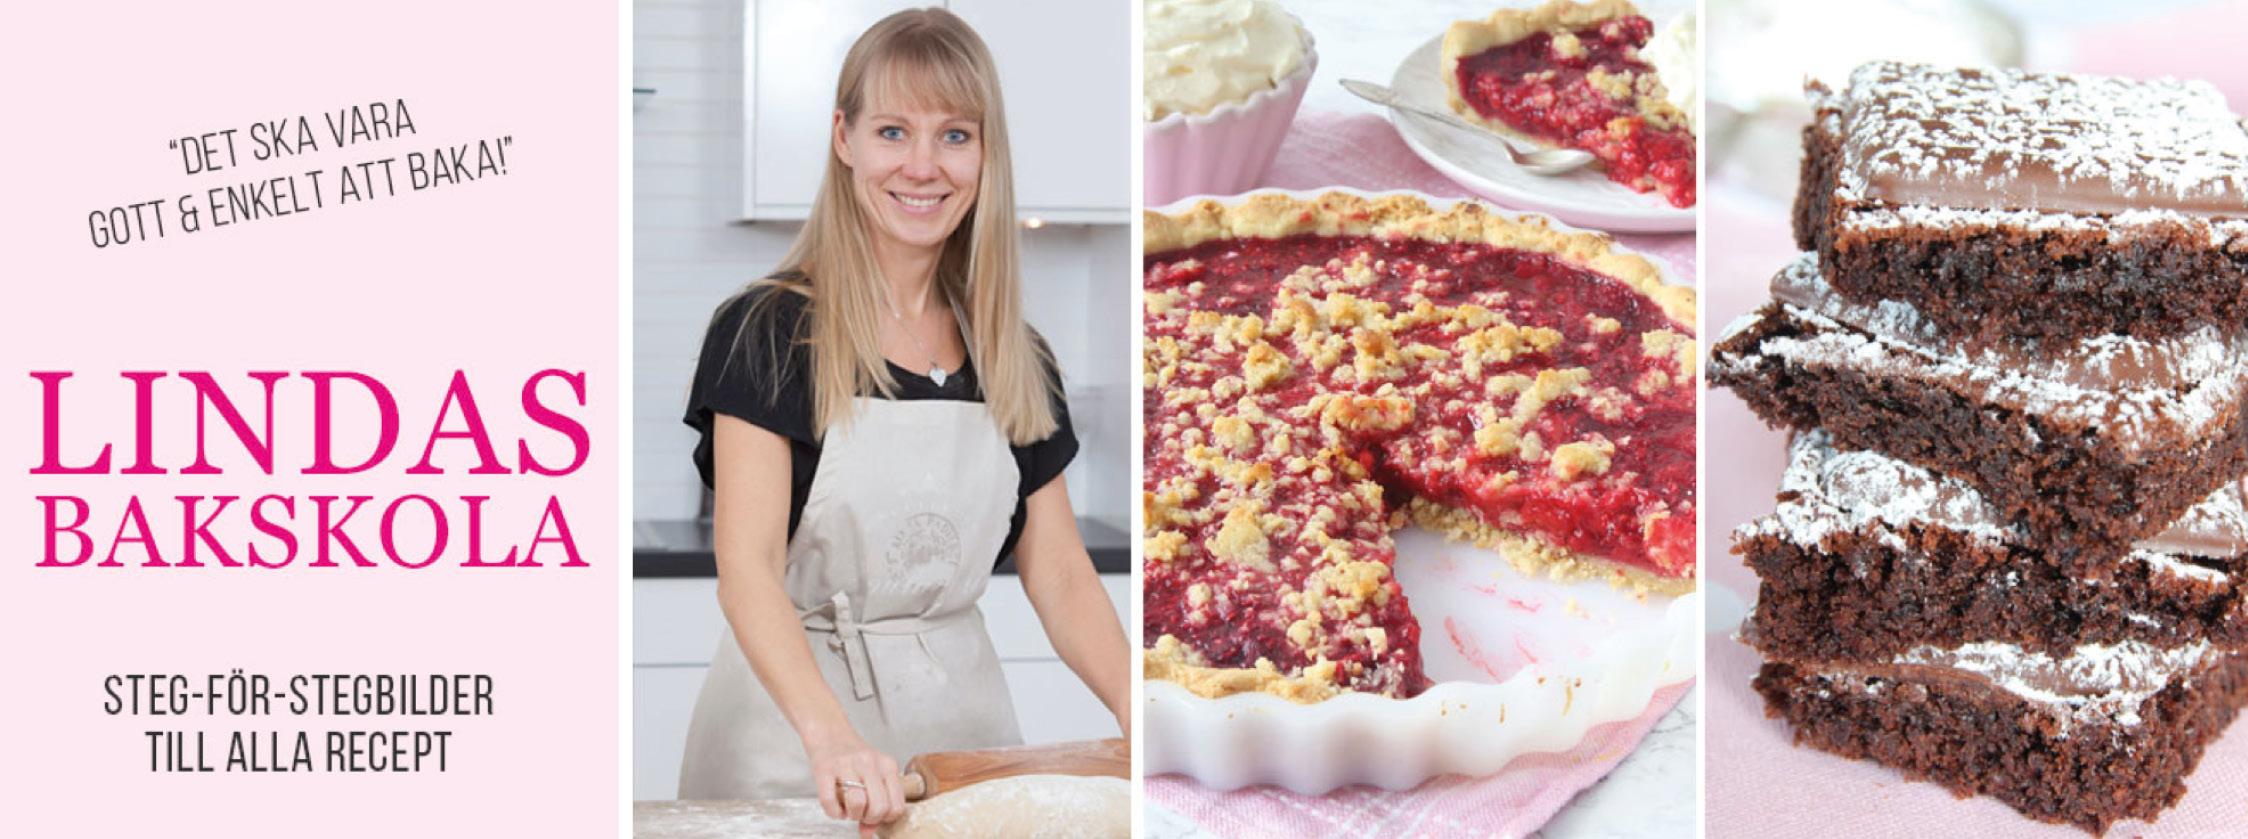 Lindas bakskola influencer Proad sweden